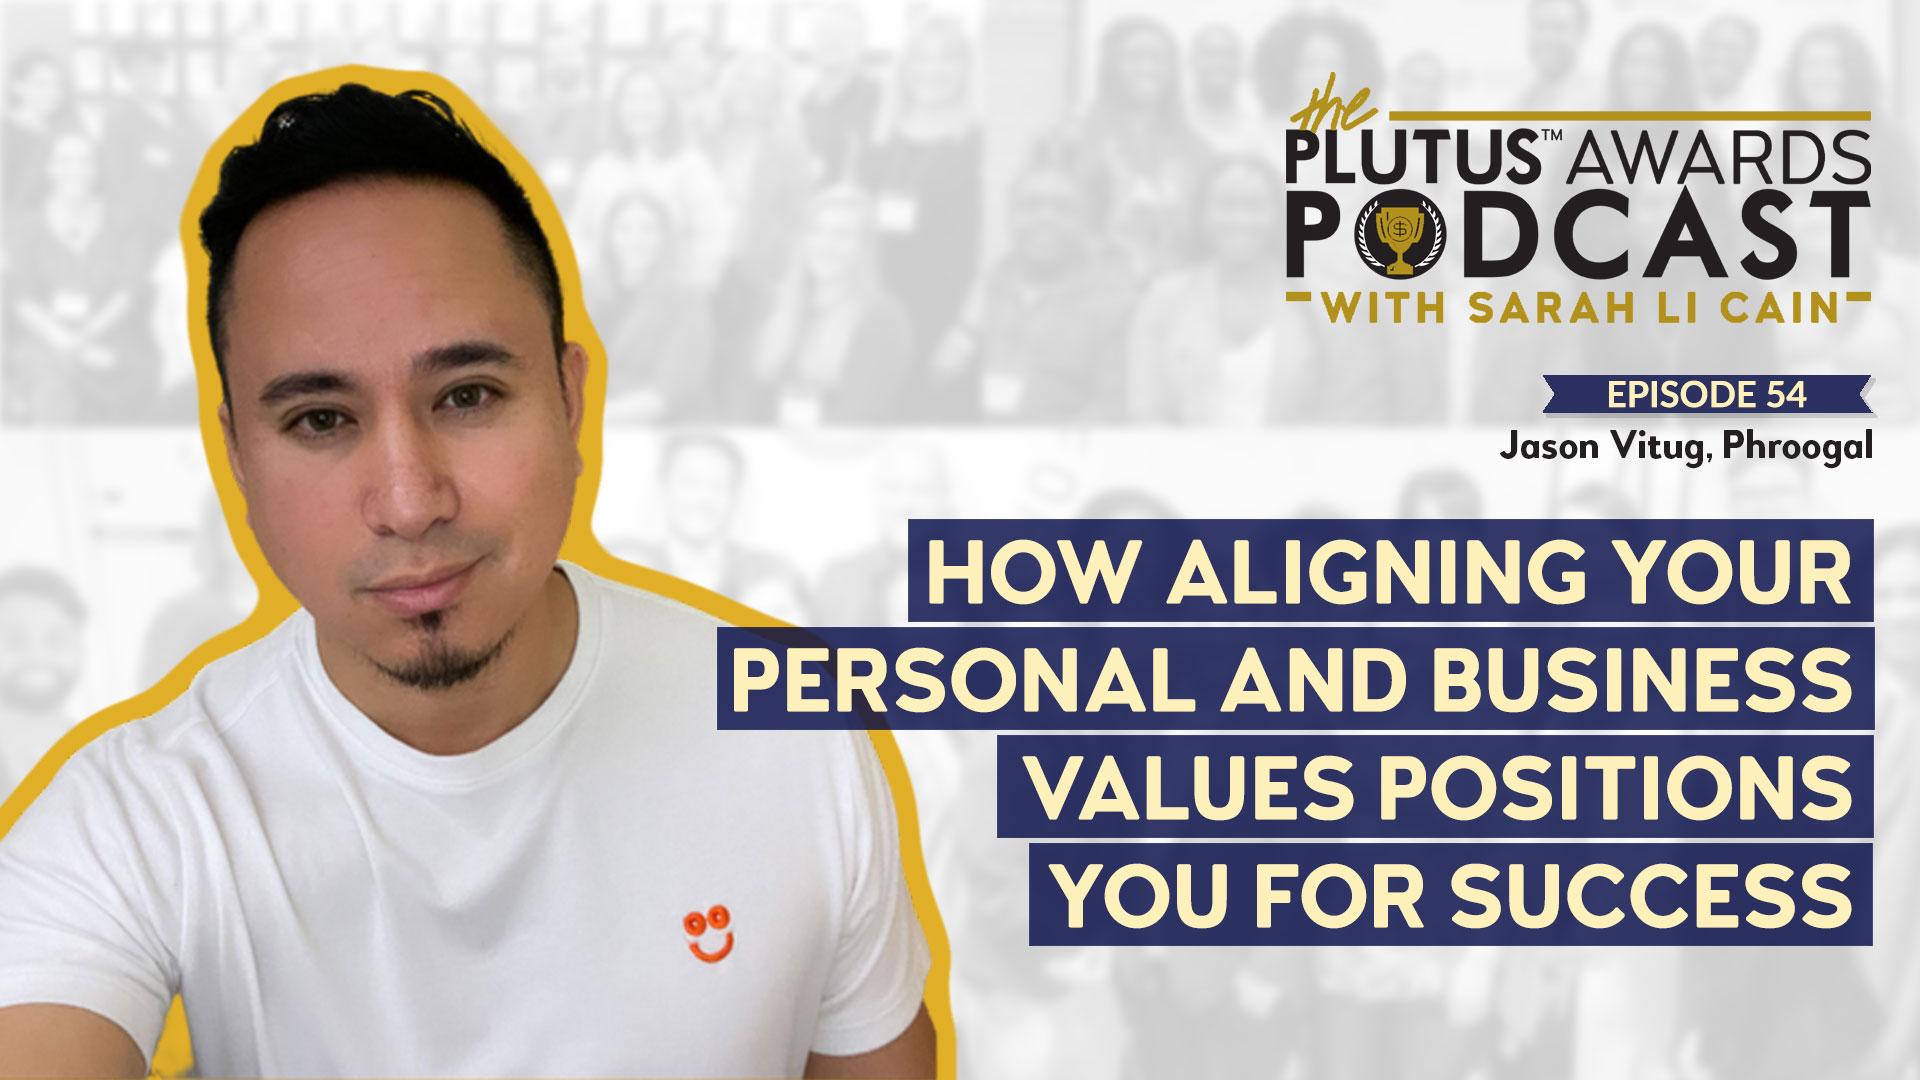 Plutus Awards Podcast - Jason Vitug Featured Image